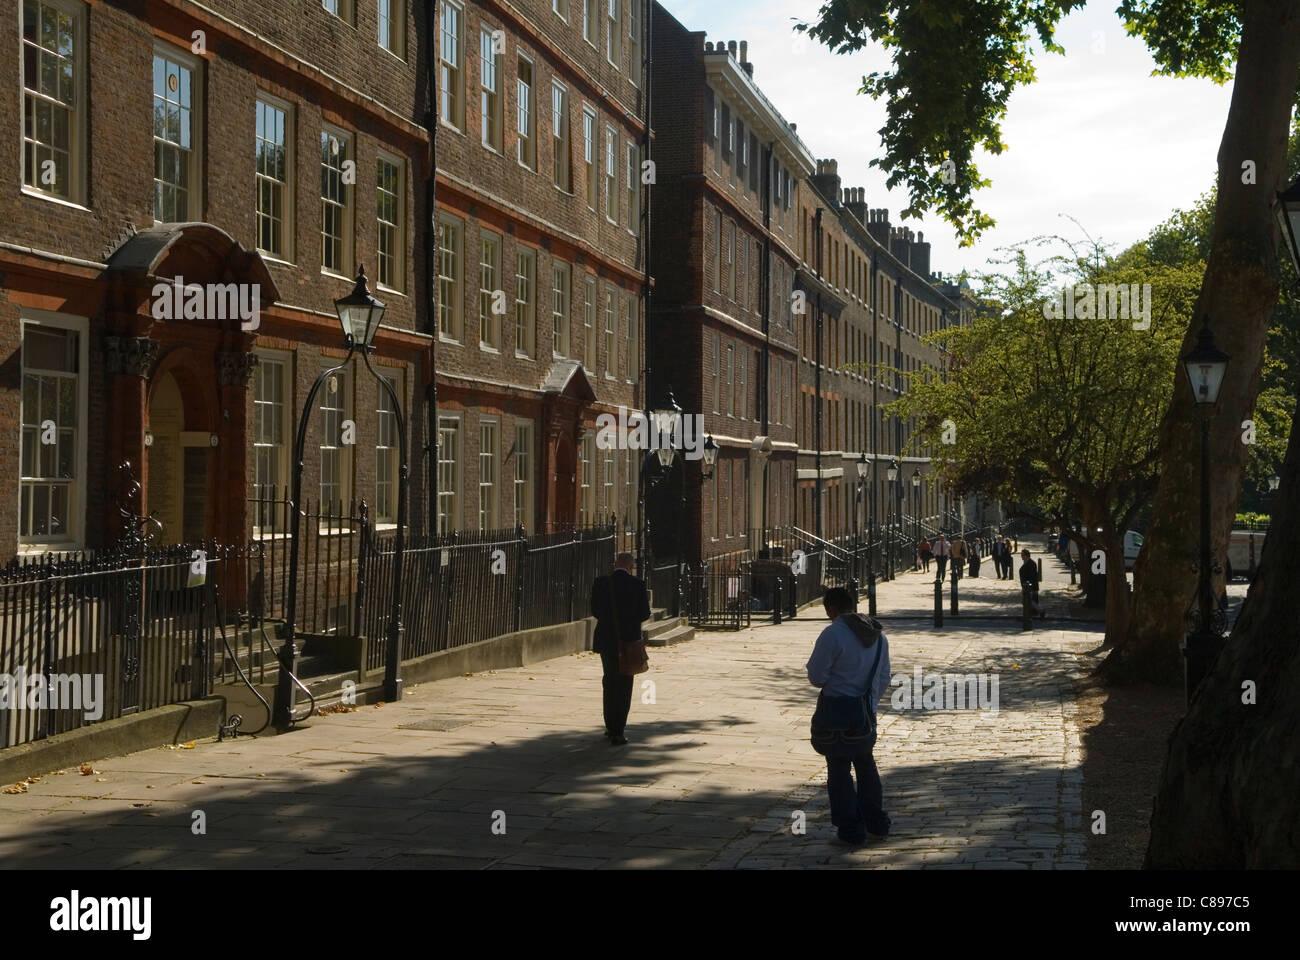 Kings King's Bench Walk. Inner Temple. Inns of Court London UK HOMER SYKES - Stock Image